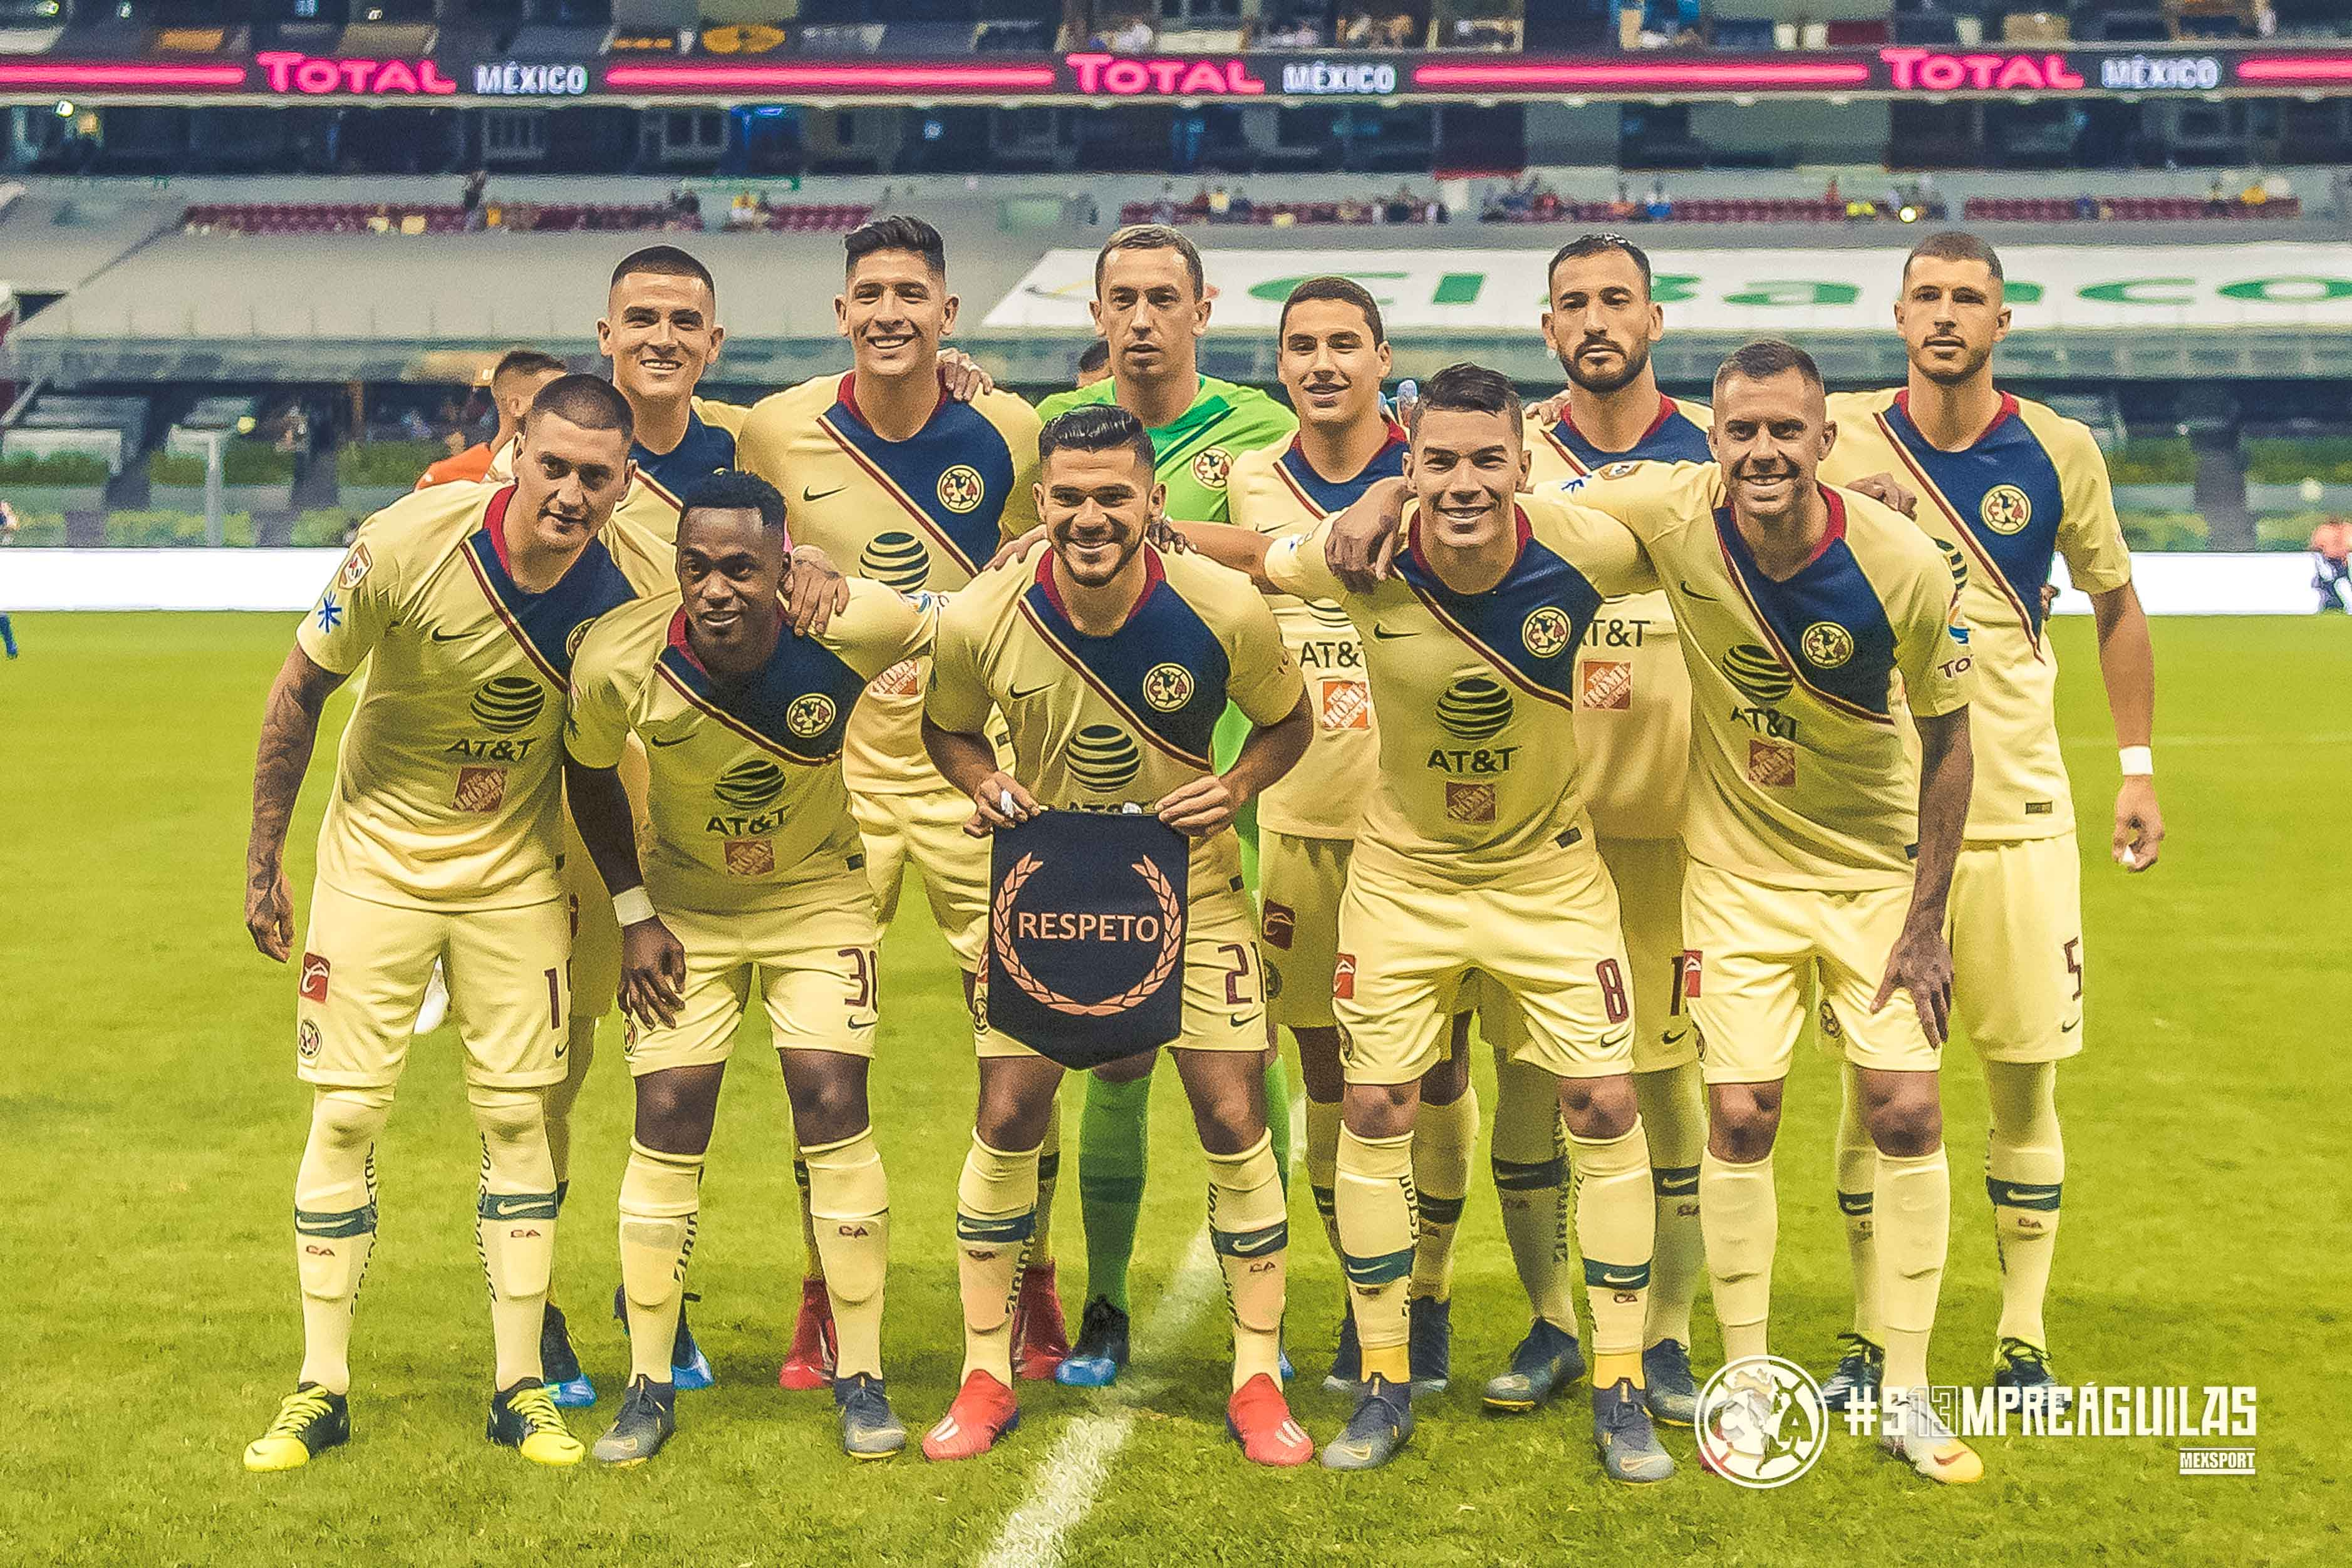 b221c9a8c Club América - Sitio Oficial